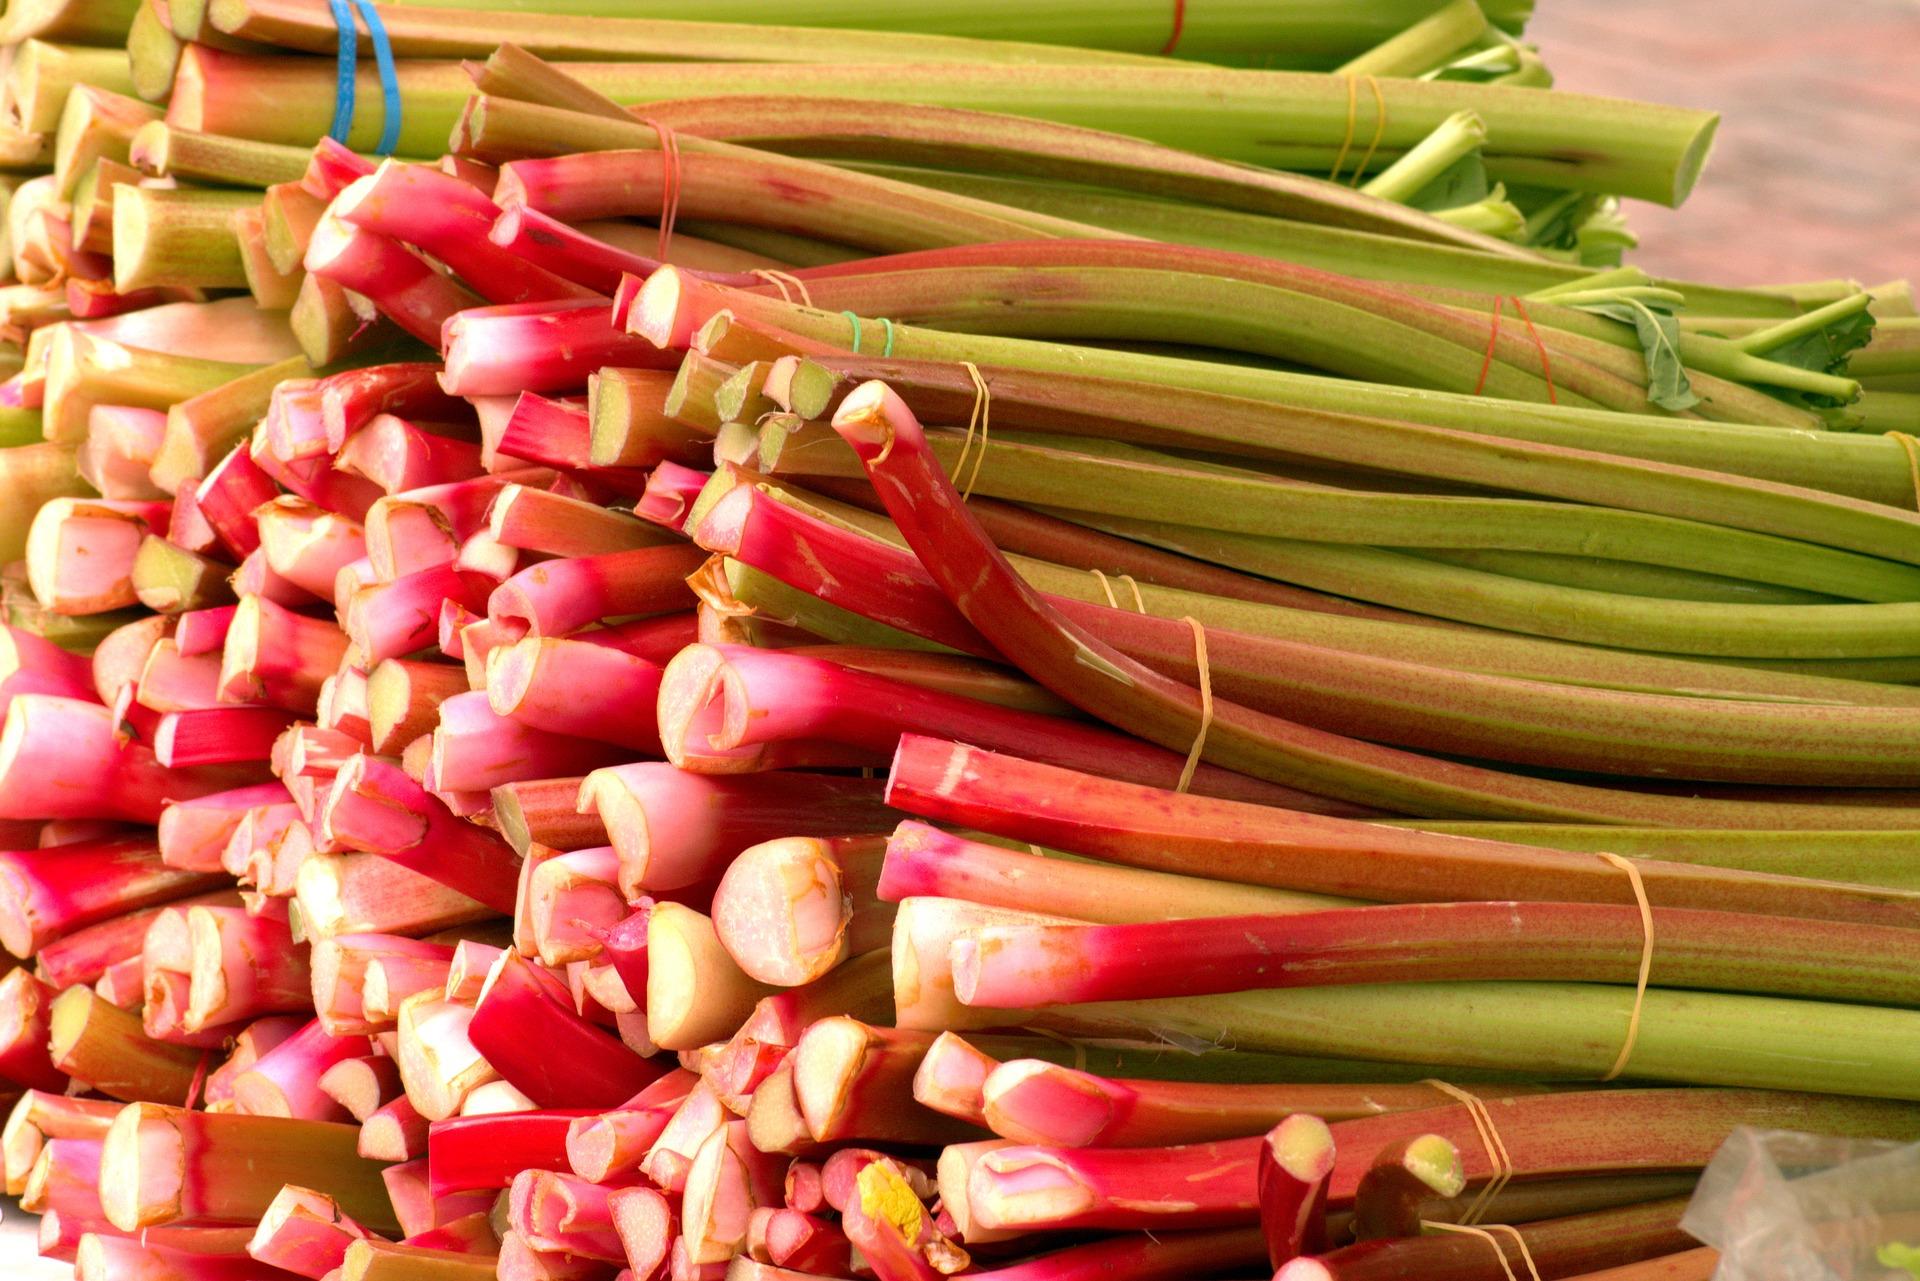 farm-fresh-rhubarb-3508103_1920